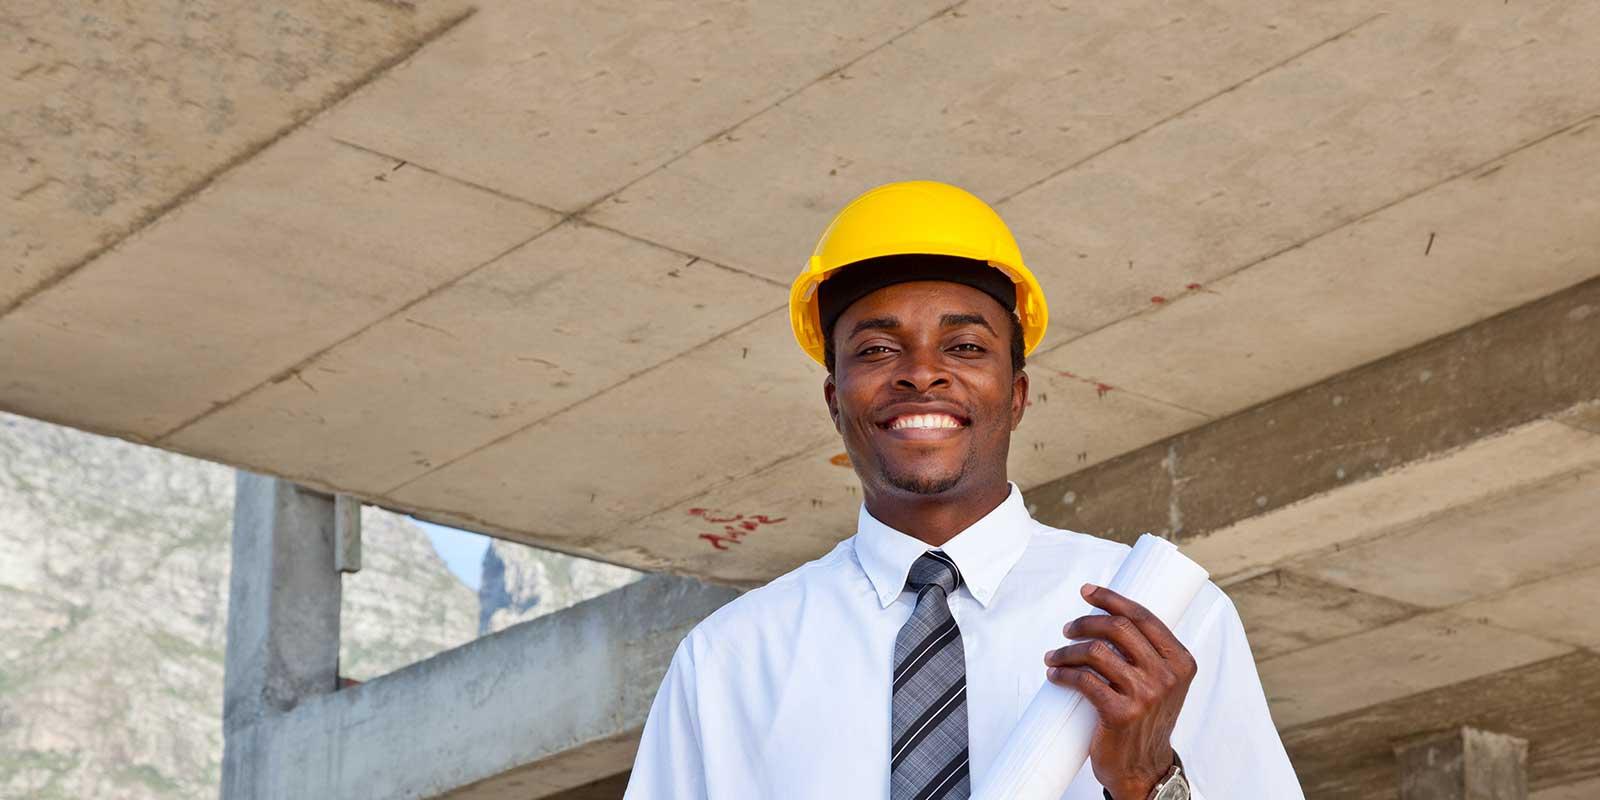 Associate_In_Engineering